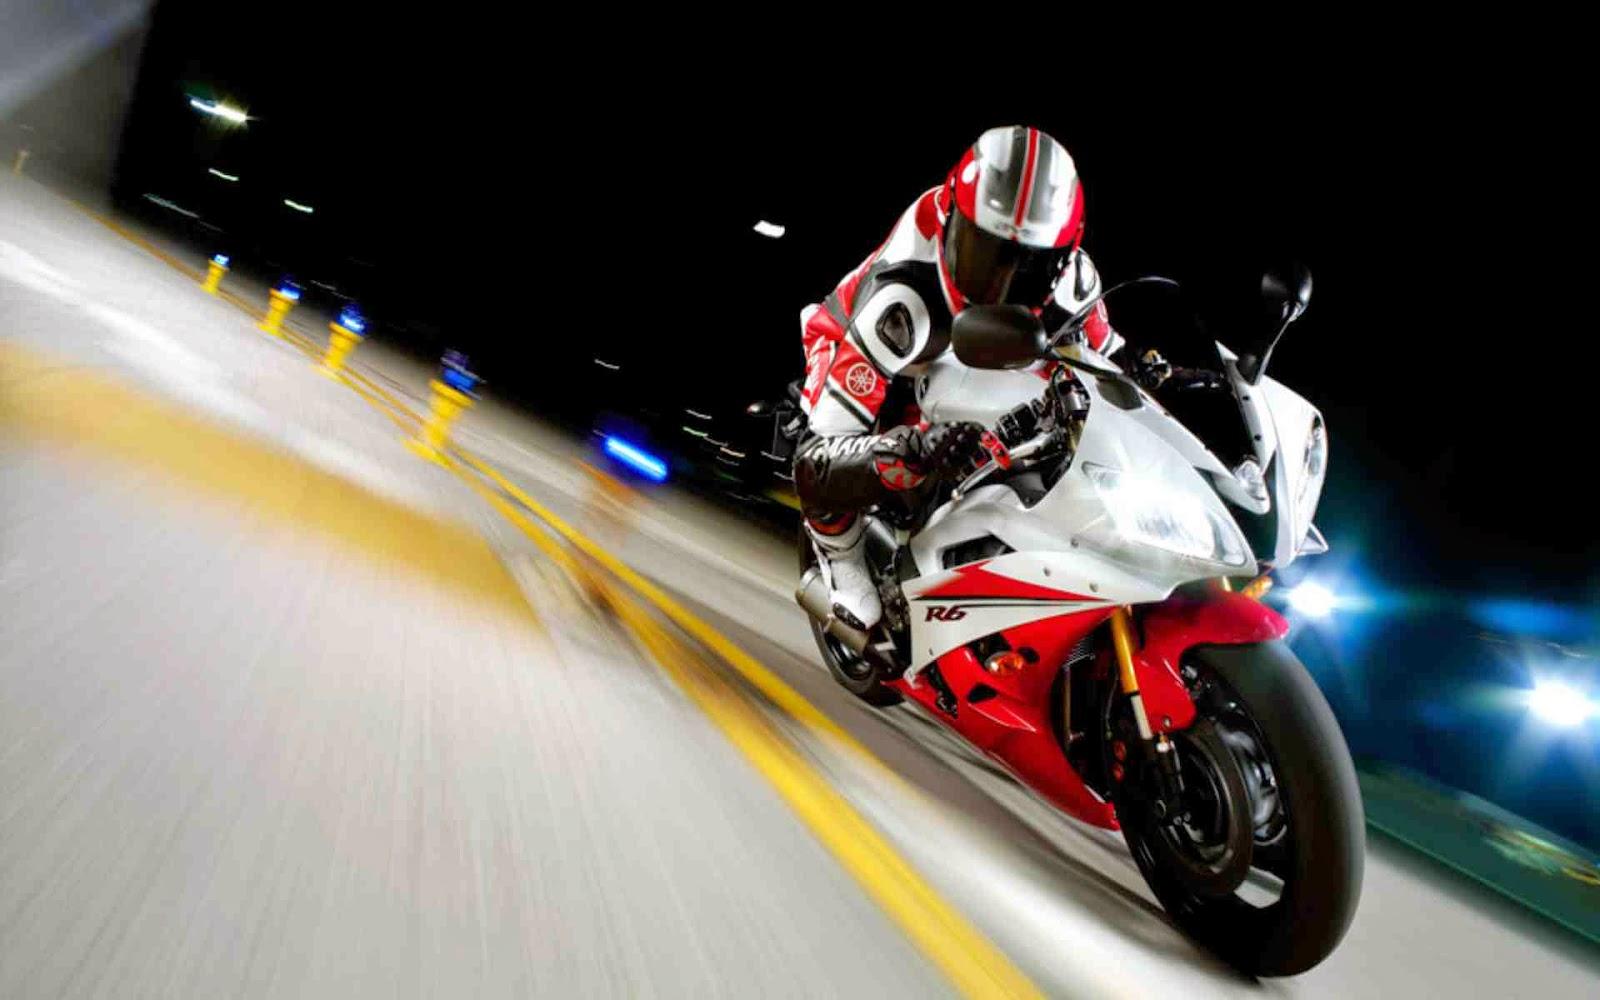 hình nền mô tô Yamaha R1 \u2013 R6